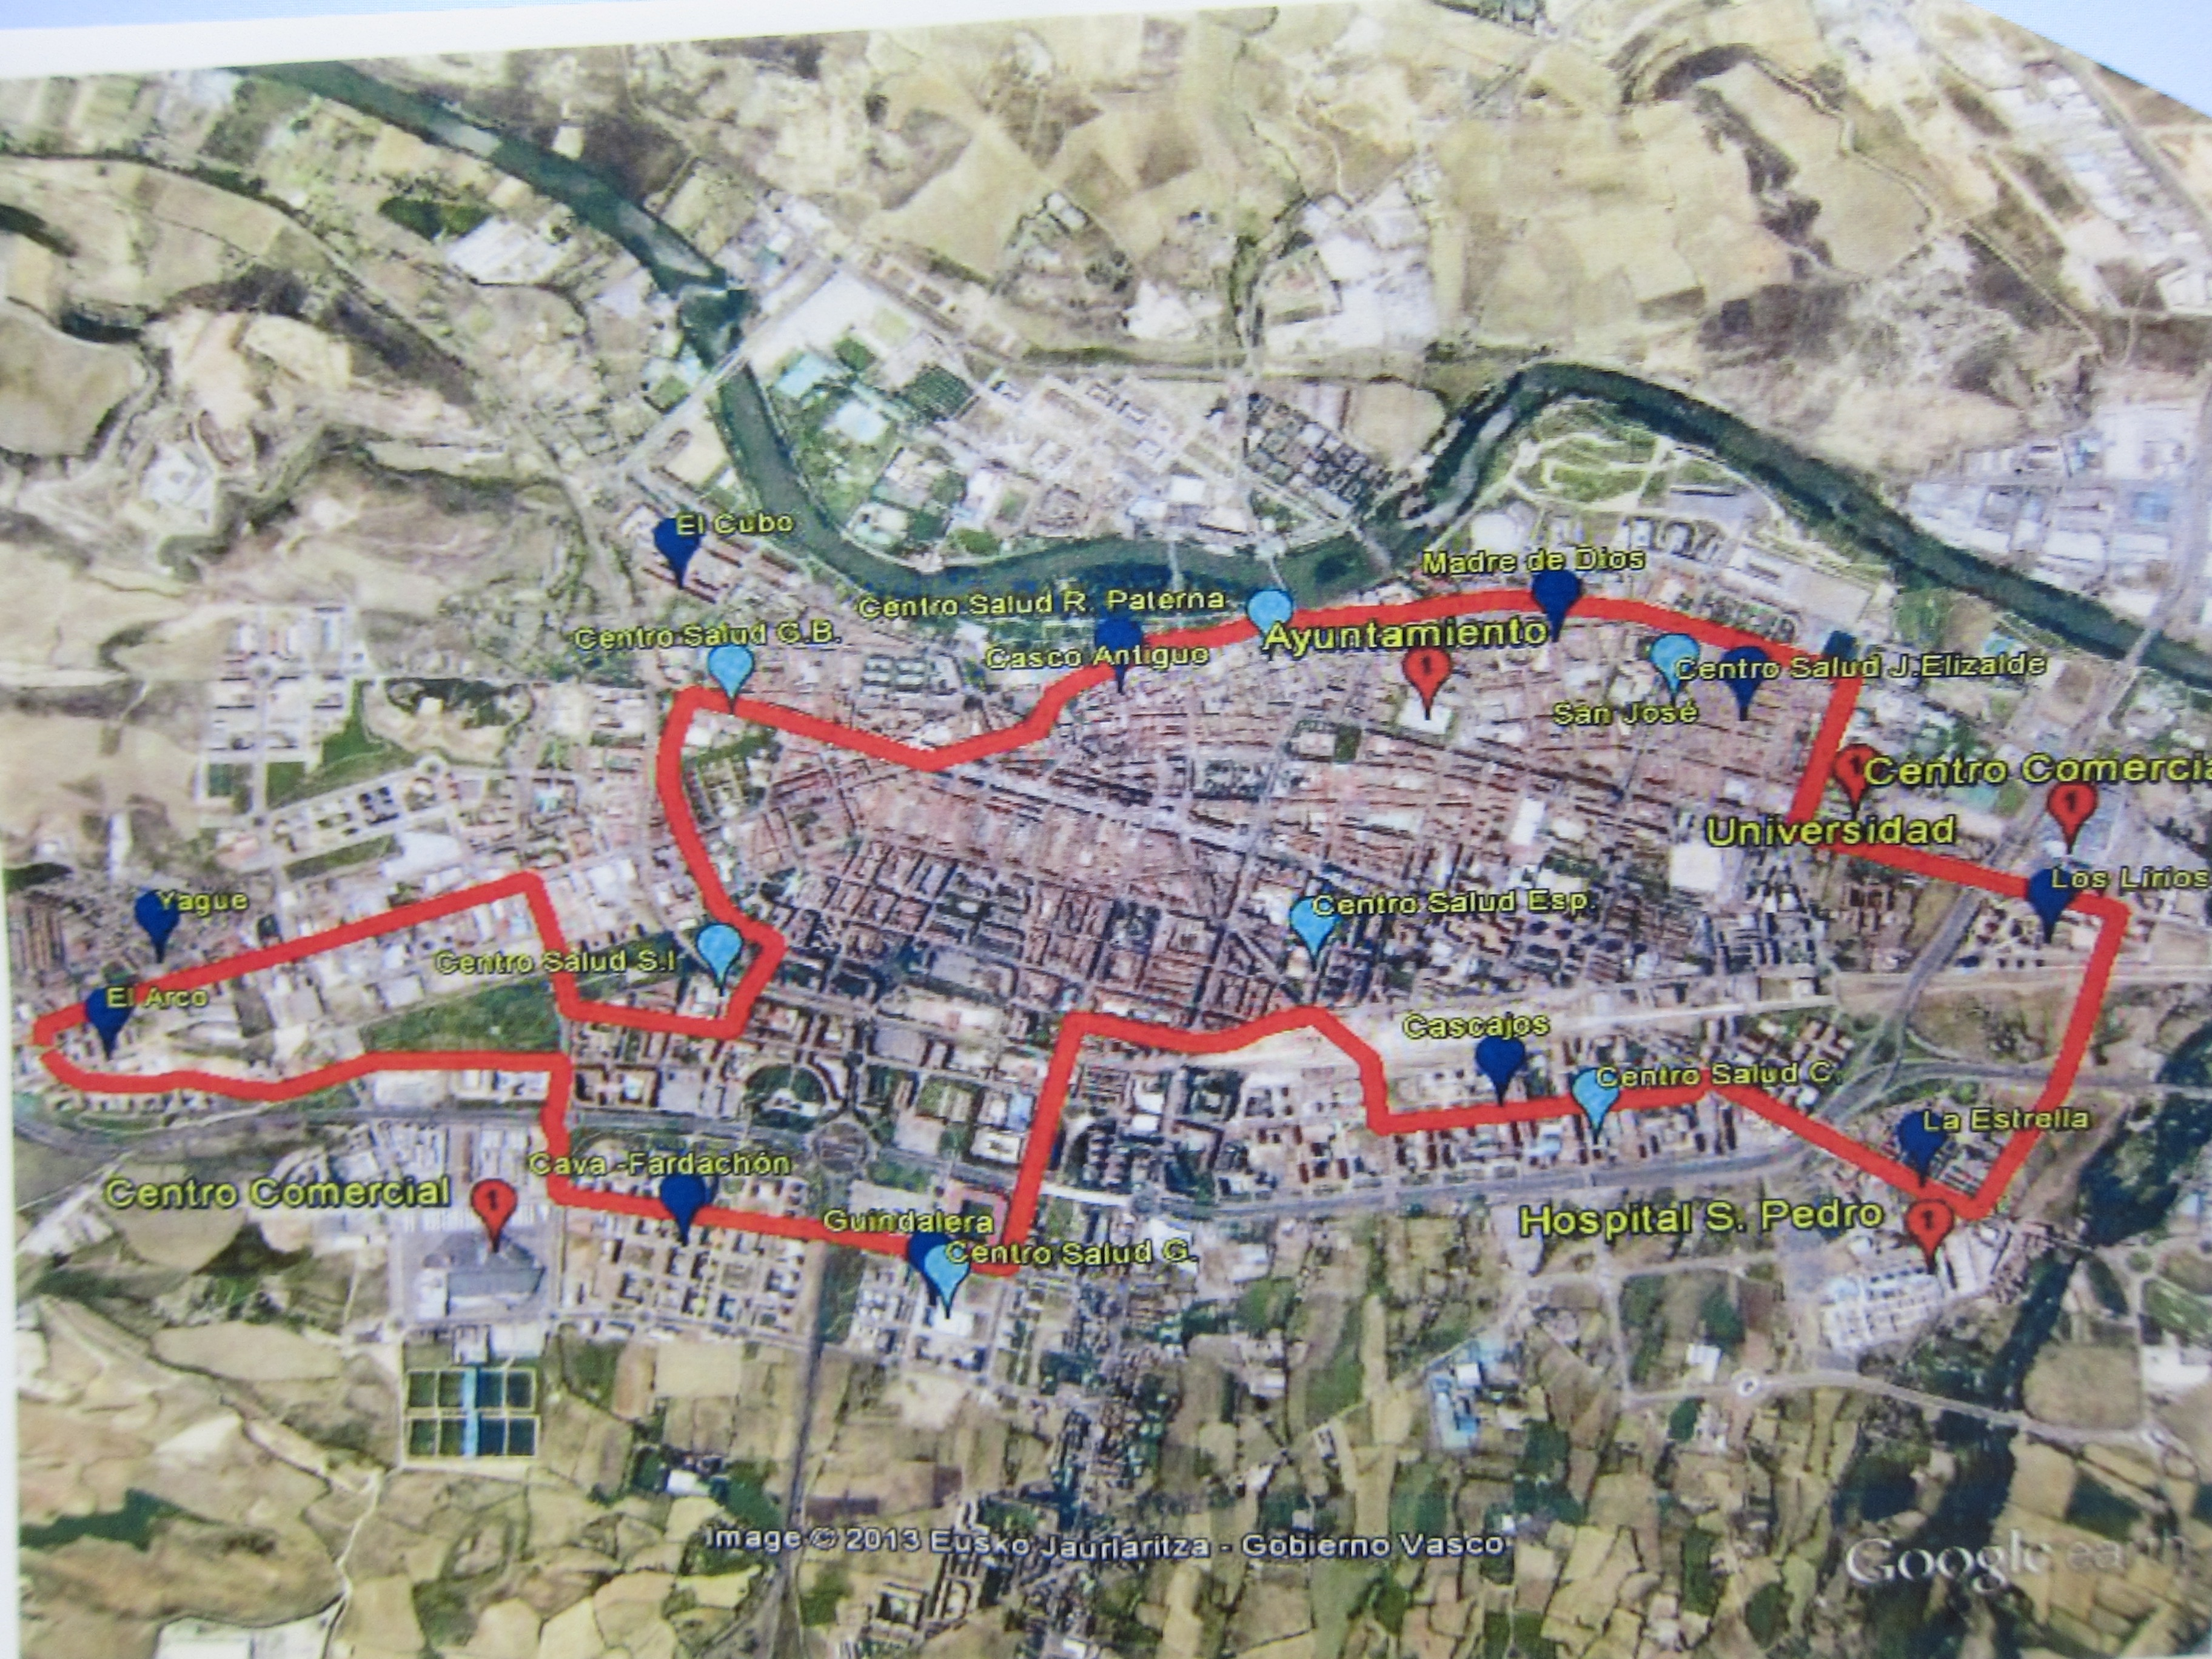 El PSOE plantea un nueva línea circular de bus urbano que uniría 11 barrios periféricos y hasta 39 puntos de interés